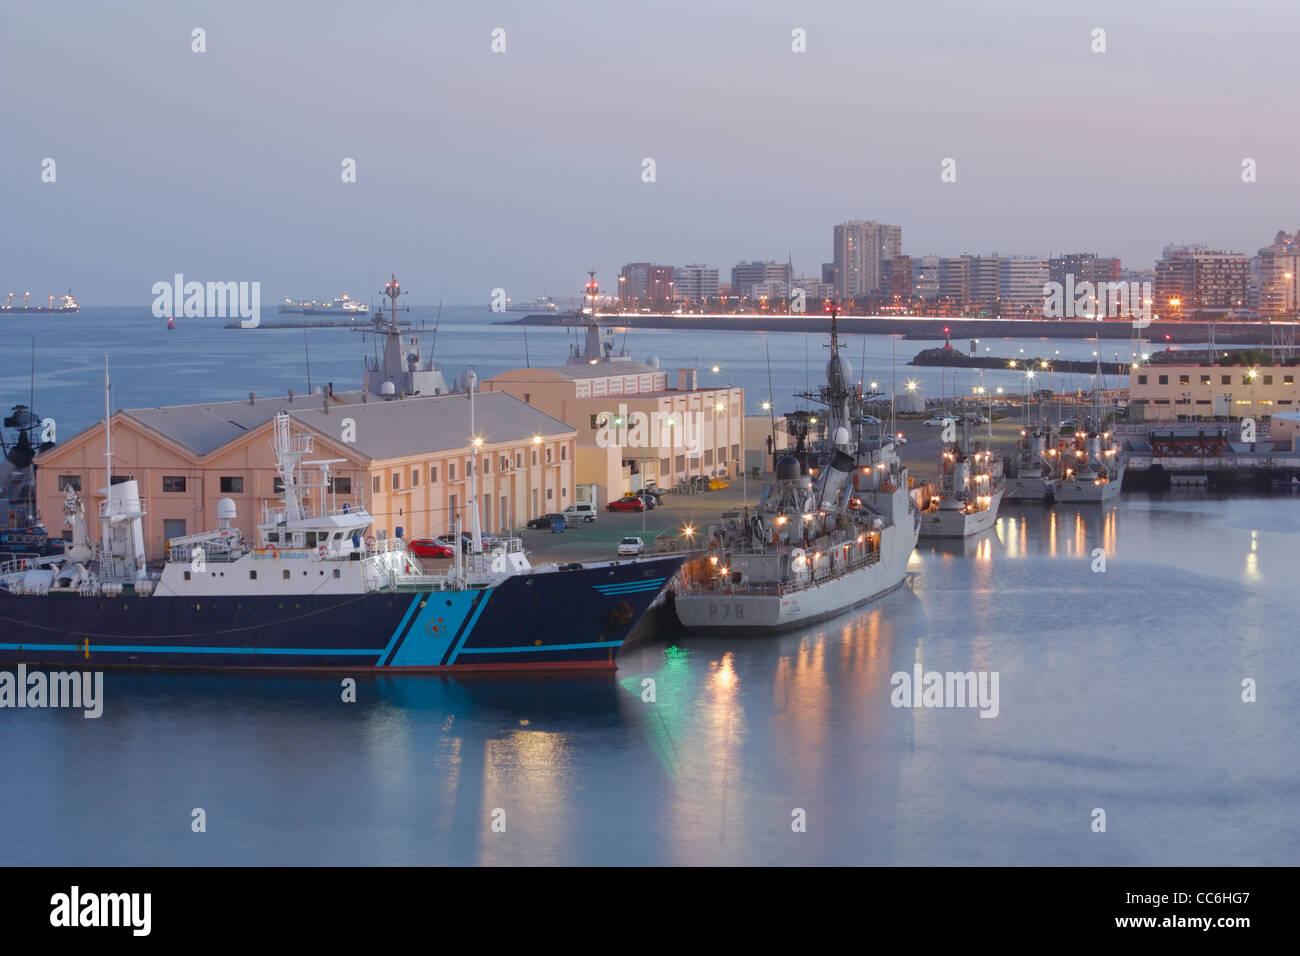 spanish navy base stock photos spanish navy base stock images alamy